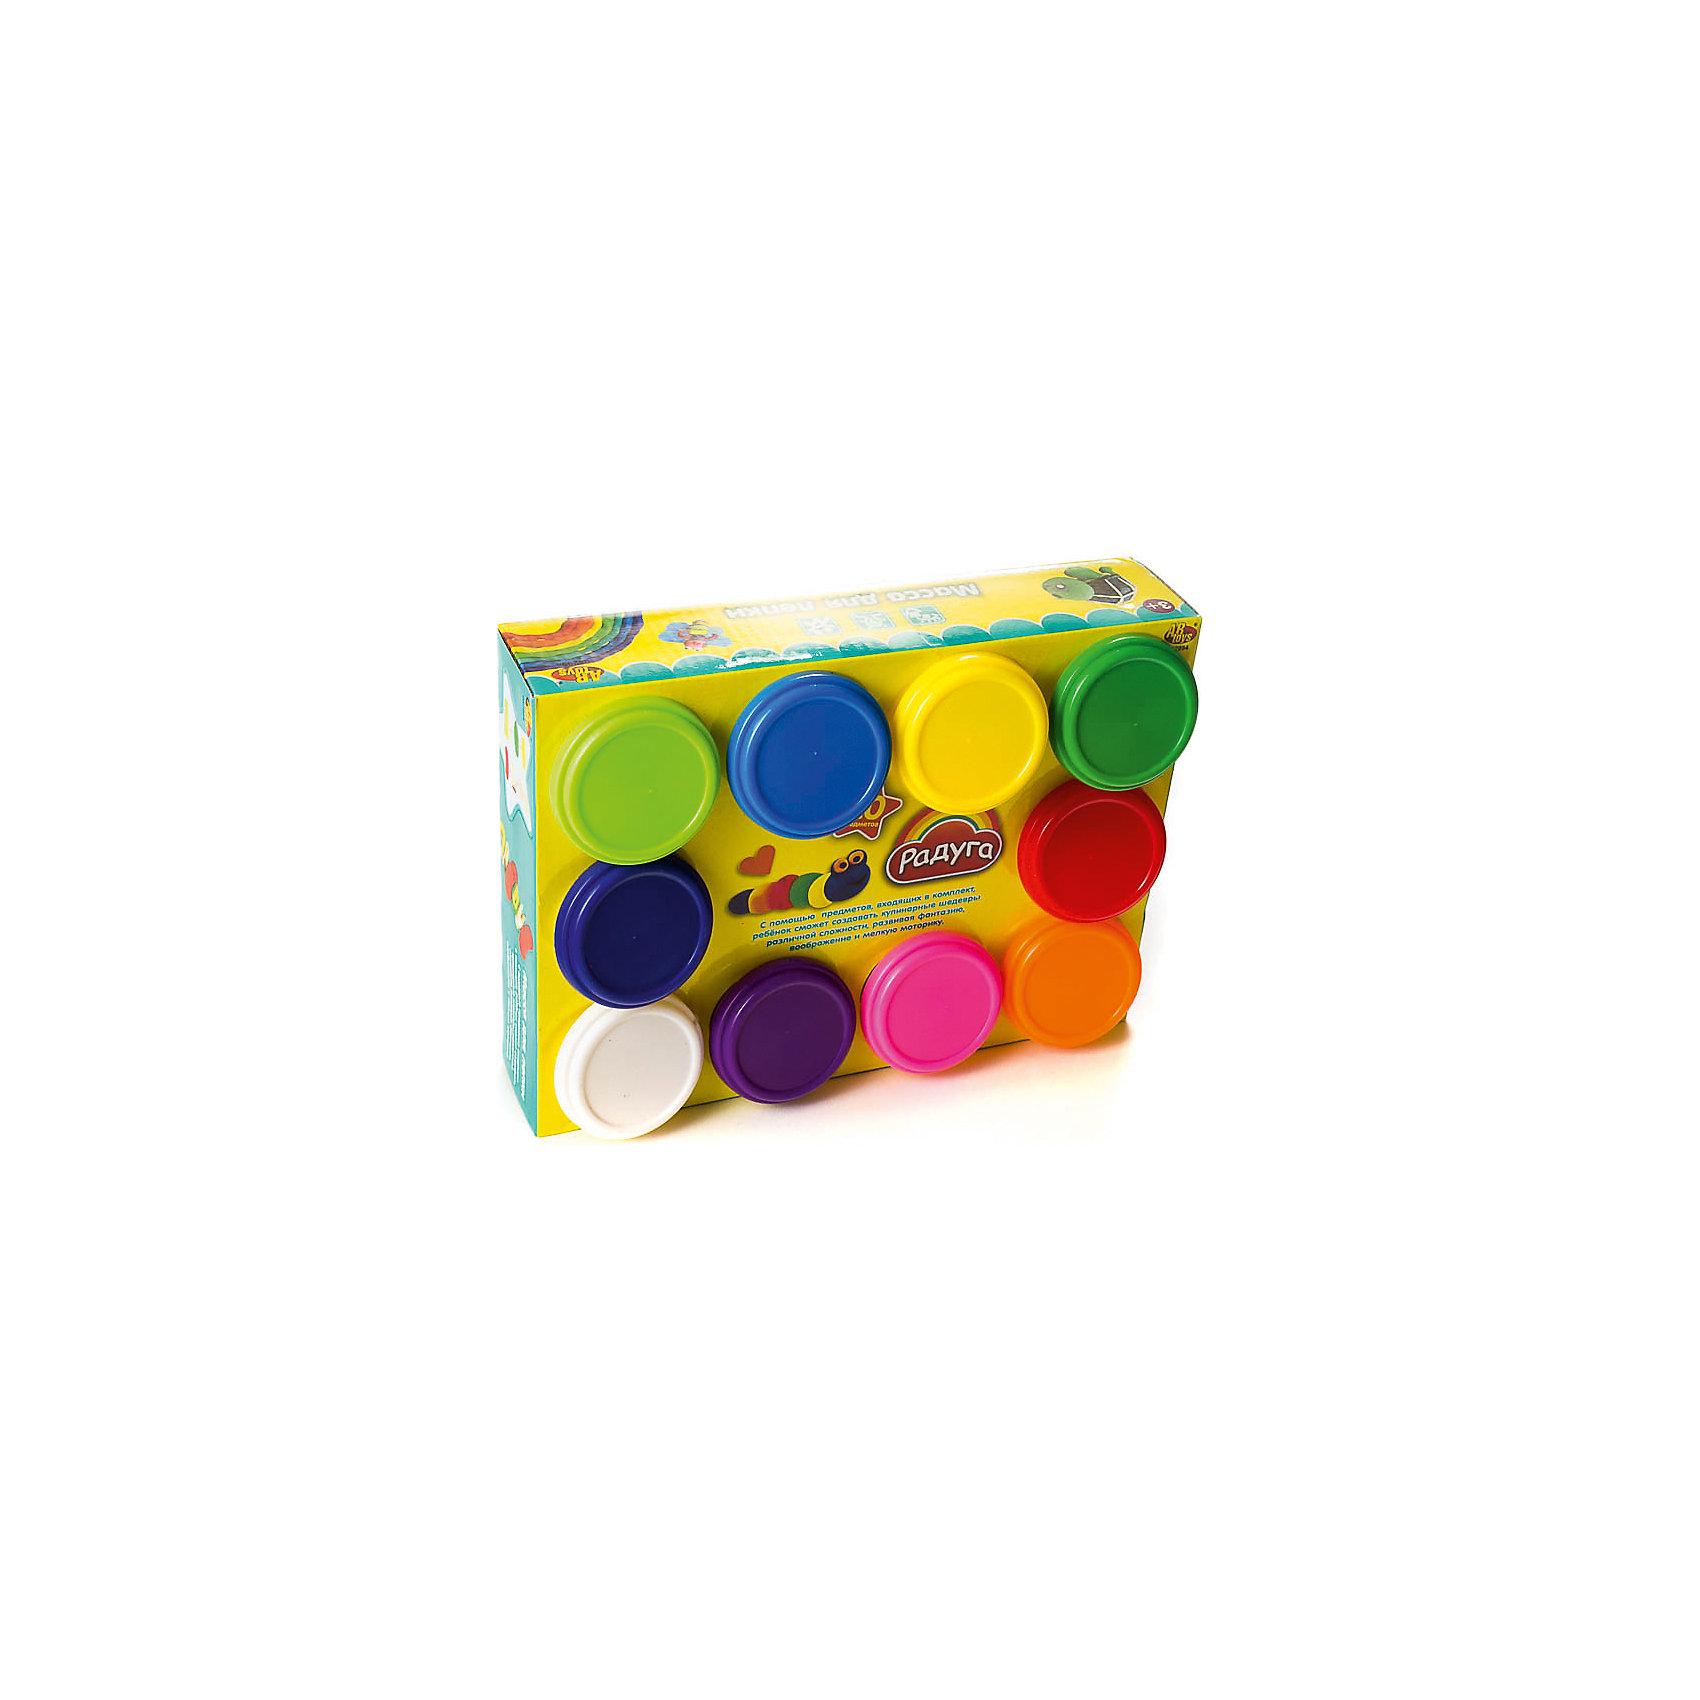 Набор Масса для лепки (10 разноцветных баночек)Лепка<br>Масса для лепки, 10 баночек, Радуга<br><br>Характеристика:<br><br>-10 разноцветных баночек с массой для лепки<br>-Состав: пластилин, пластмасса <br>-Возраст: от 3 лет<br>-Производитель: MERX Limited<br><br>Масса для лепки поможет вашему ребёнку развить мелкую моторику рук, воображение и фантазию. Благодаря мягкой текстуре, масса будет с легкостью принимать любую форму. с Помощью такого набора ребёнок сможет не ограничивать свое воображение и слепить все, что ему захочется.<br><br>Масса для лепки, 10 баночек, Радуга можно приобрести в нашем интернет-магазине.<br><br>Ширина мм: 250<br>Глубина мм: 190<br>Высота мм: 60<br>Вес г: 750<br>Возраст от месяцев: 36<br>Возраст до месяцев: 144<br>Пол: Унисекс<br>Возраст: Детский<br>SKU: 5078257